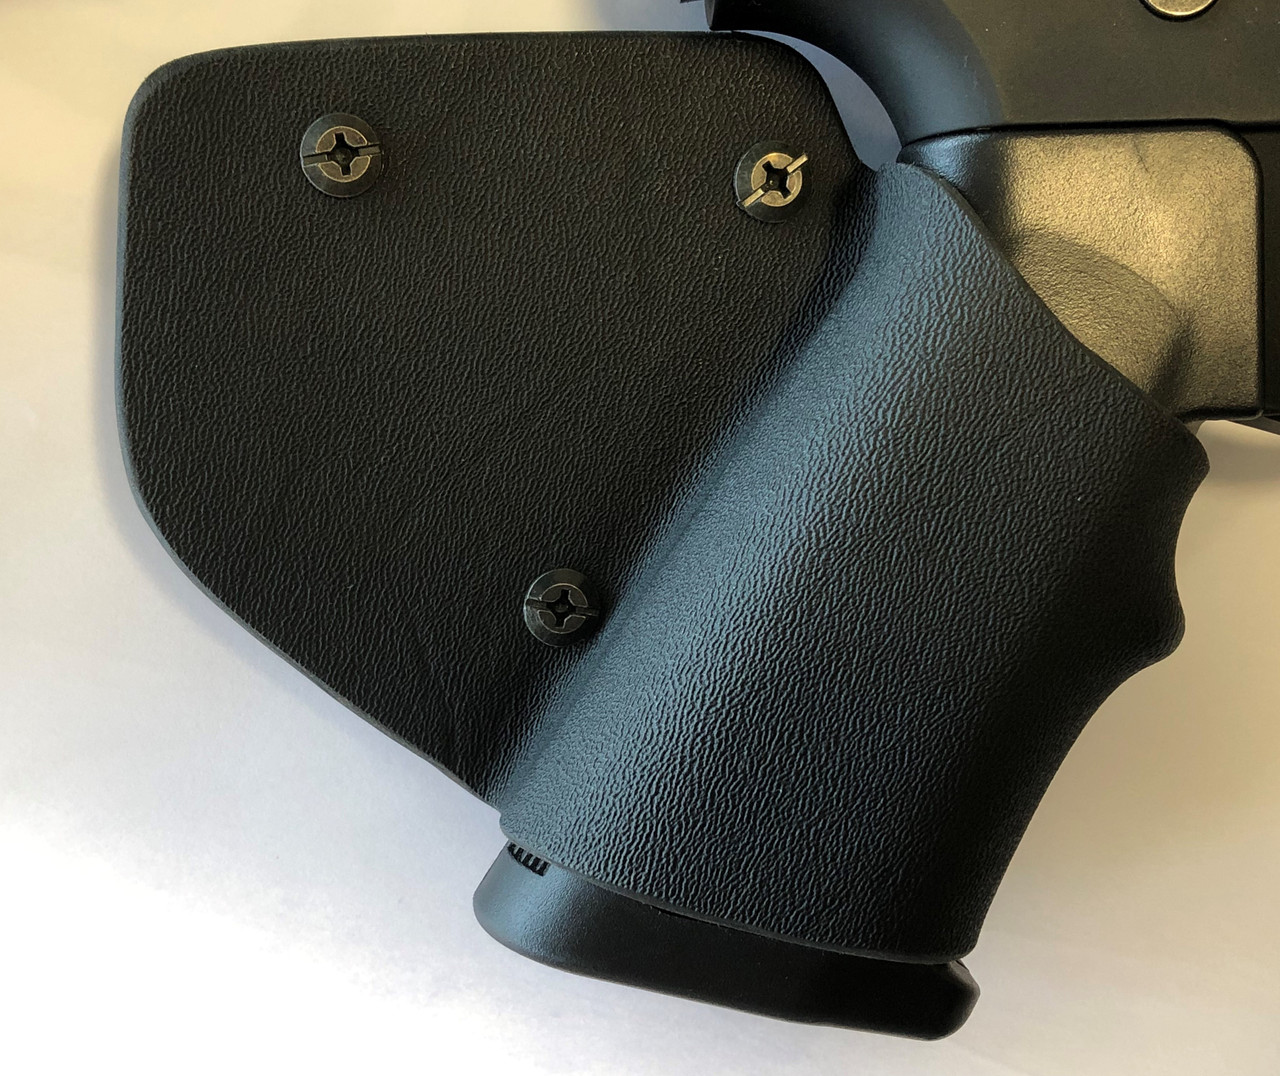 Century Arms C308 CALIFORNIA LEGAL - .308/7.62x51 - Black